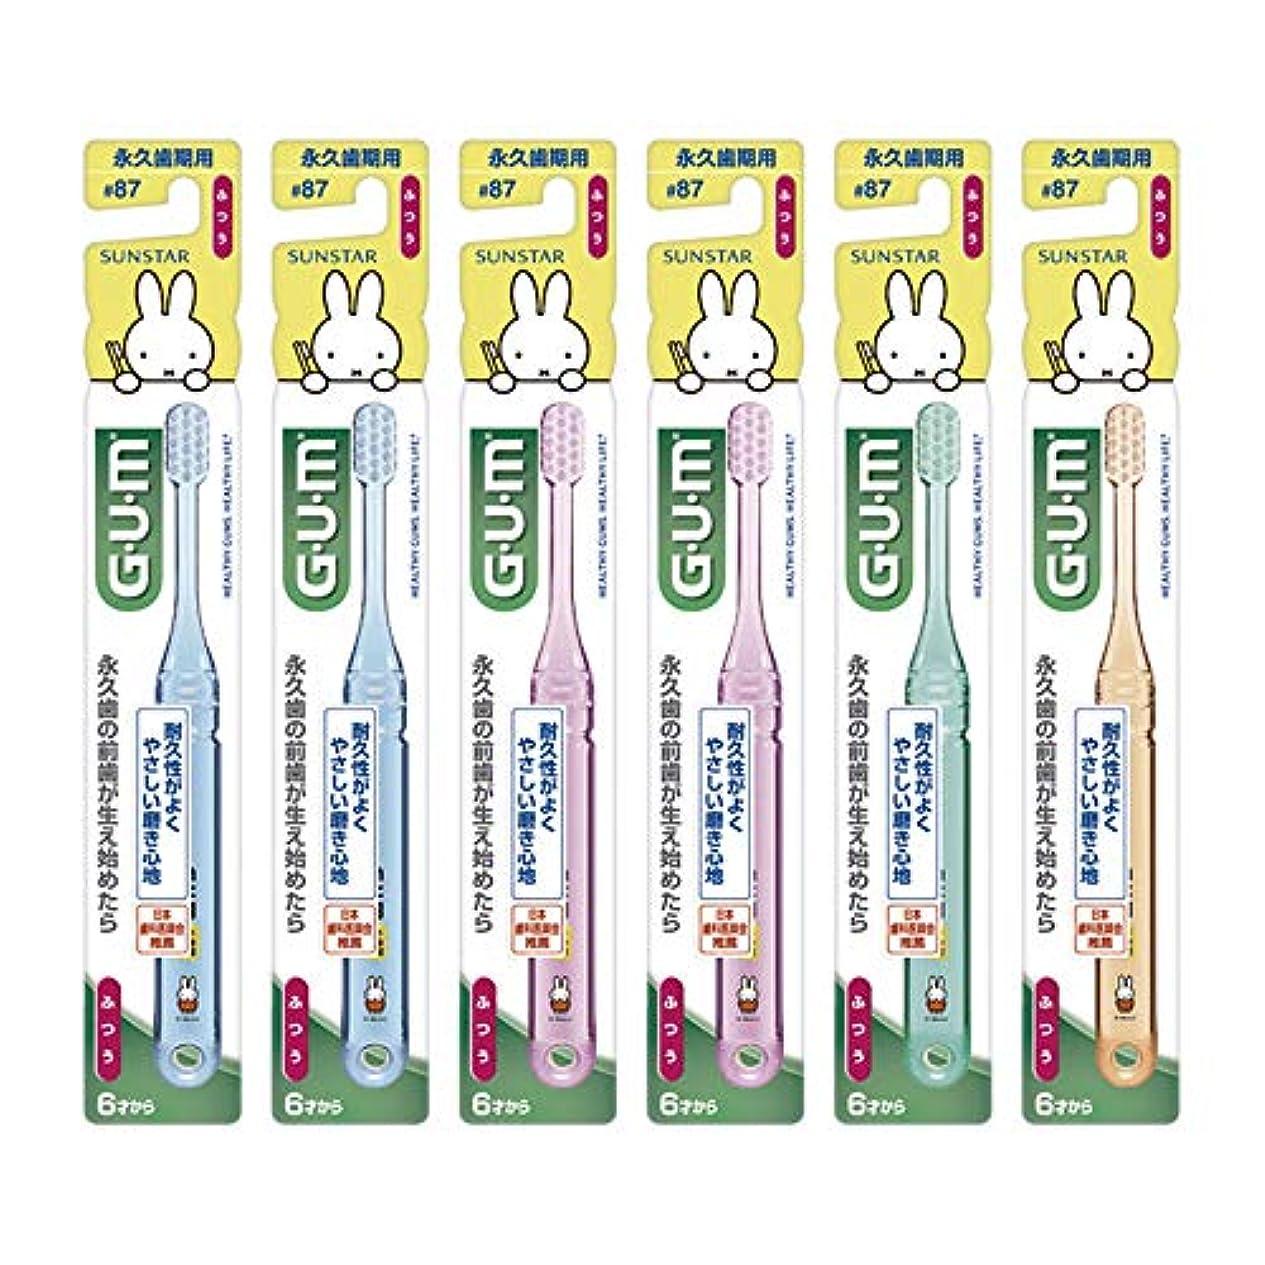 非常に怒っています閉塞成長GUM(ガム) デンタル こども 歯ブラシ #87 [永久歯期用/ふつう] 6本パック+ おまけつき【Amazon.co.jp限定】